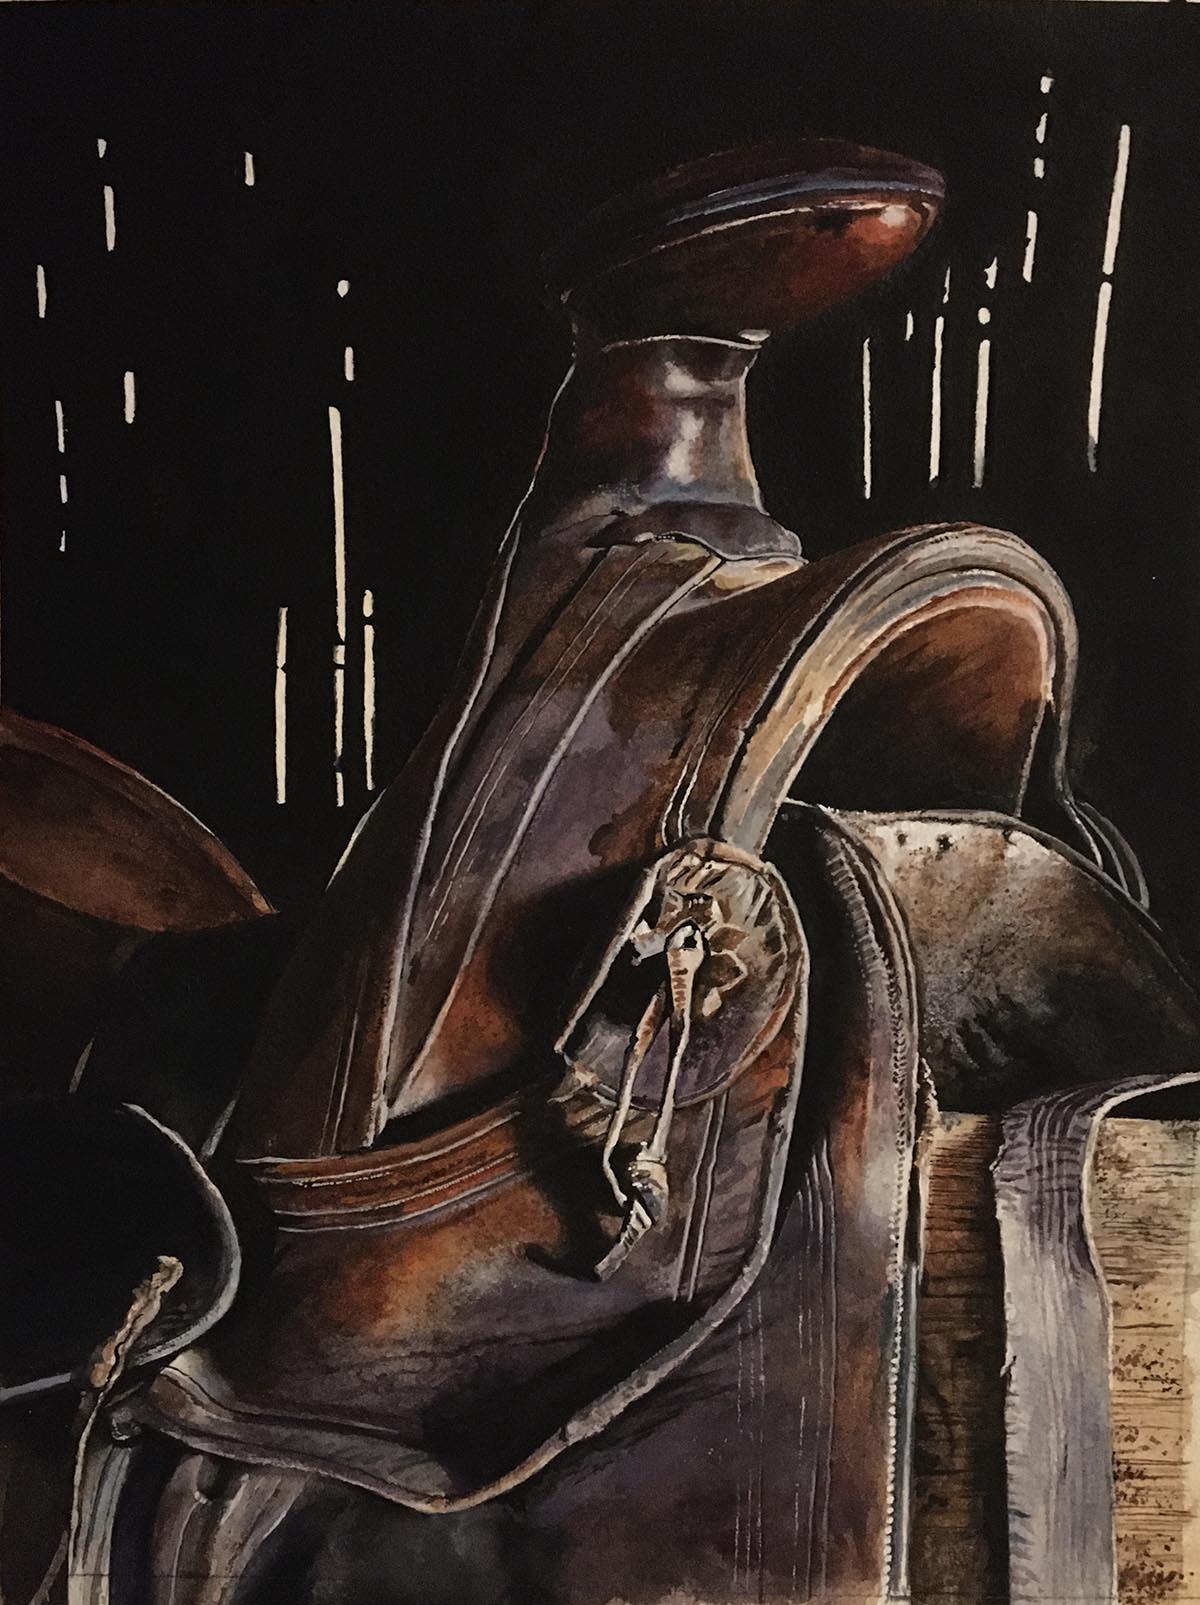 Vintage Leather - John Zacharias